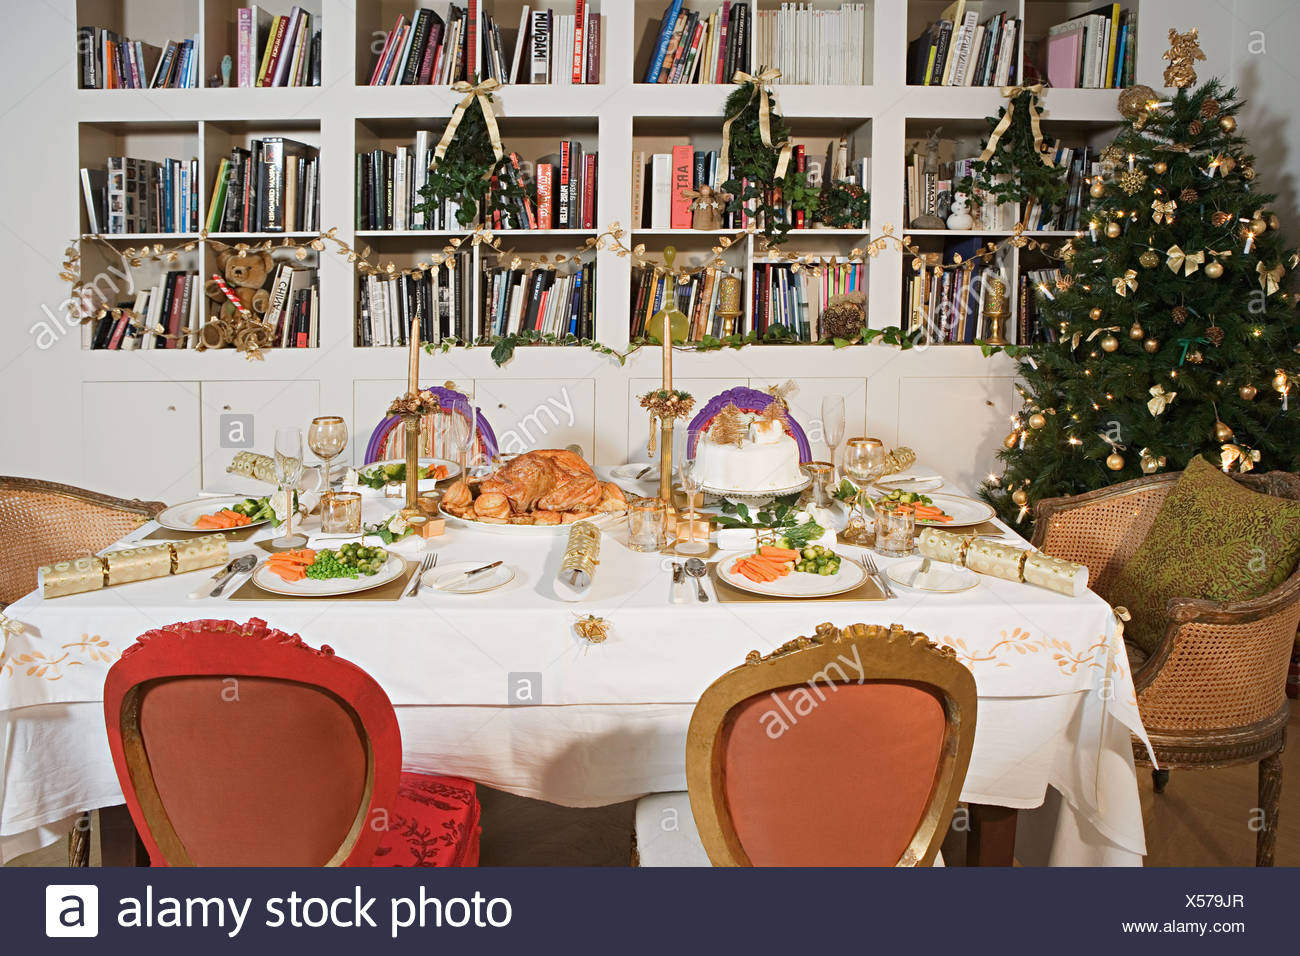 Gedecke für Weihnachtsessen Stockbild